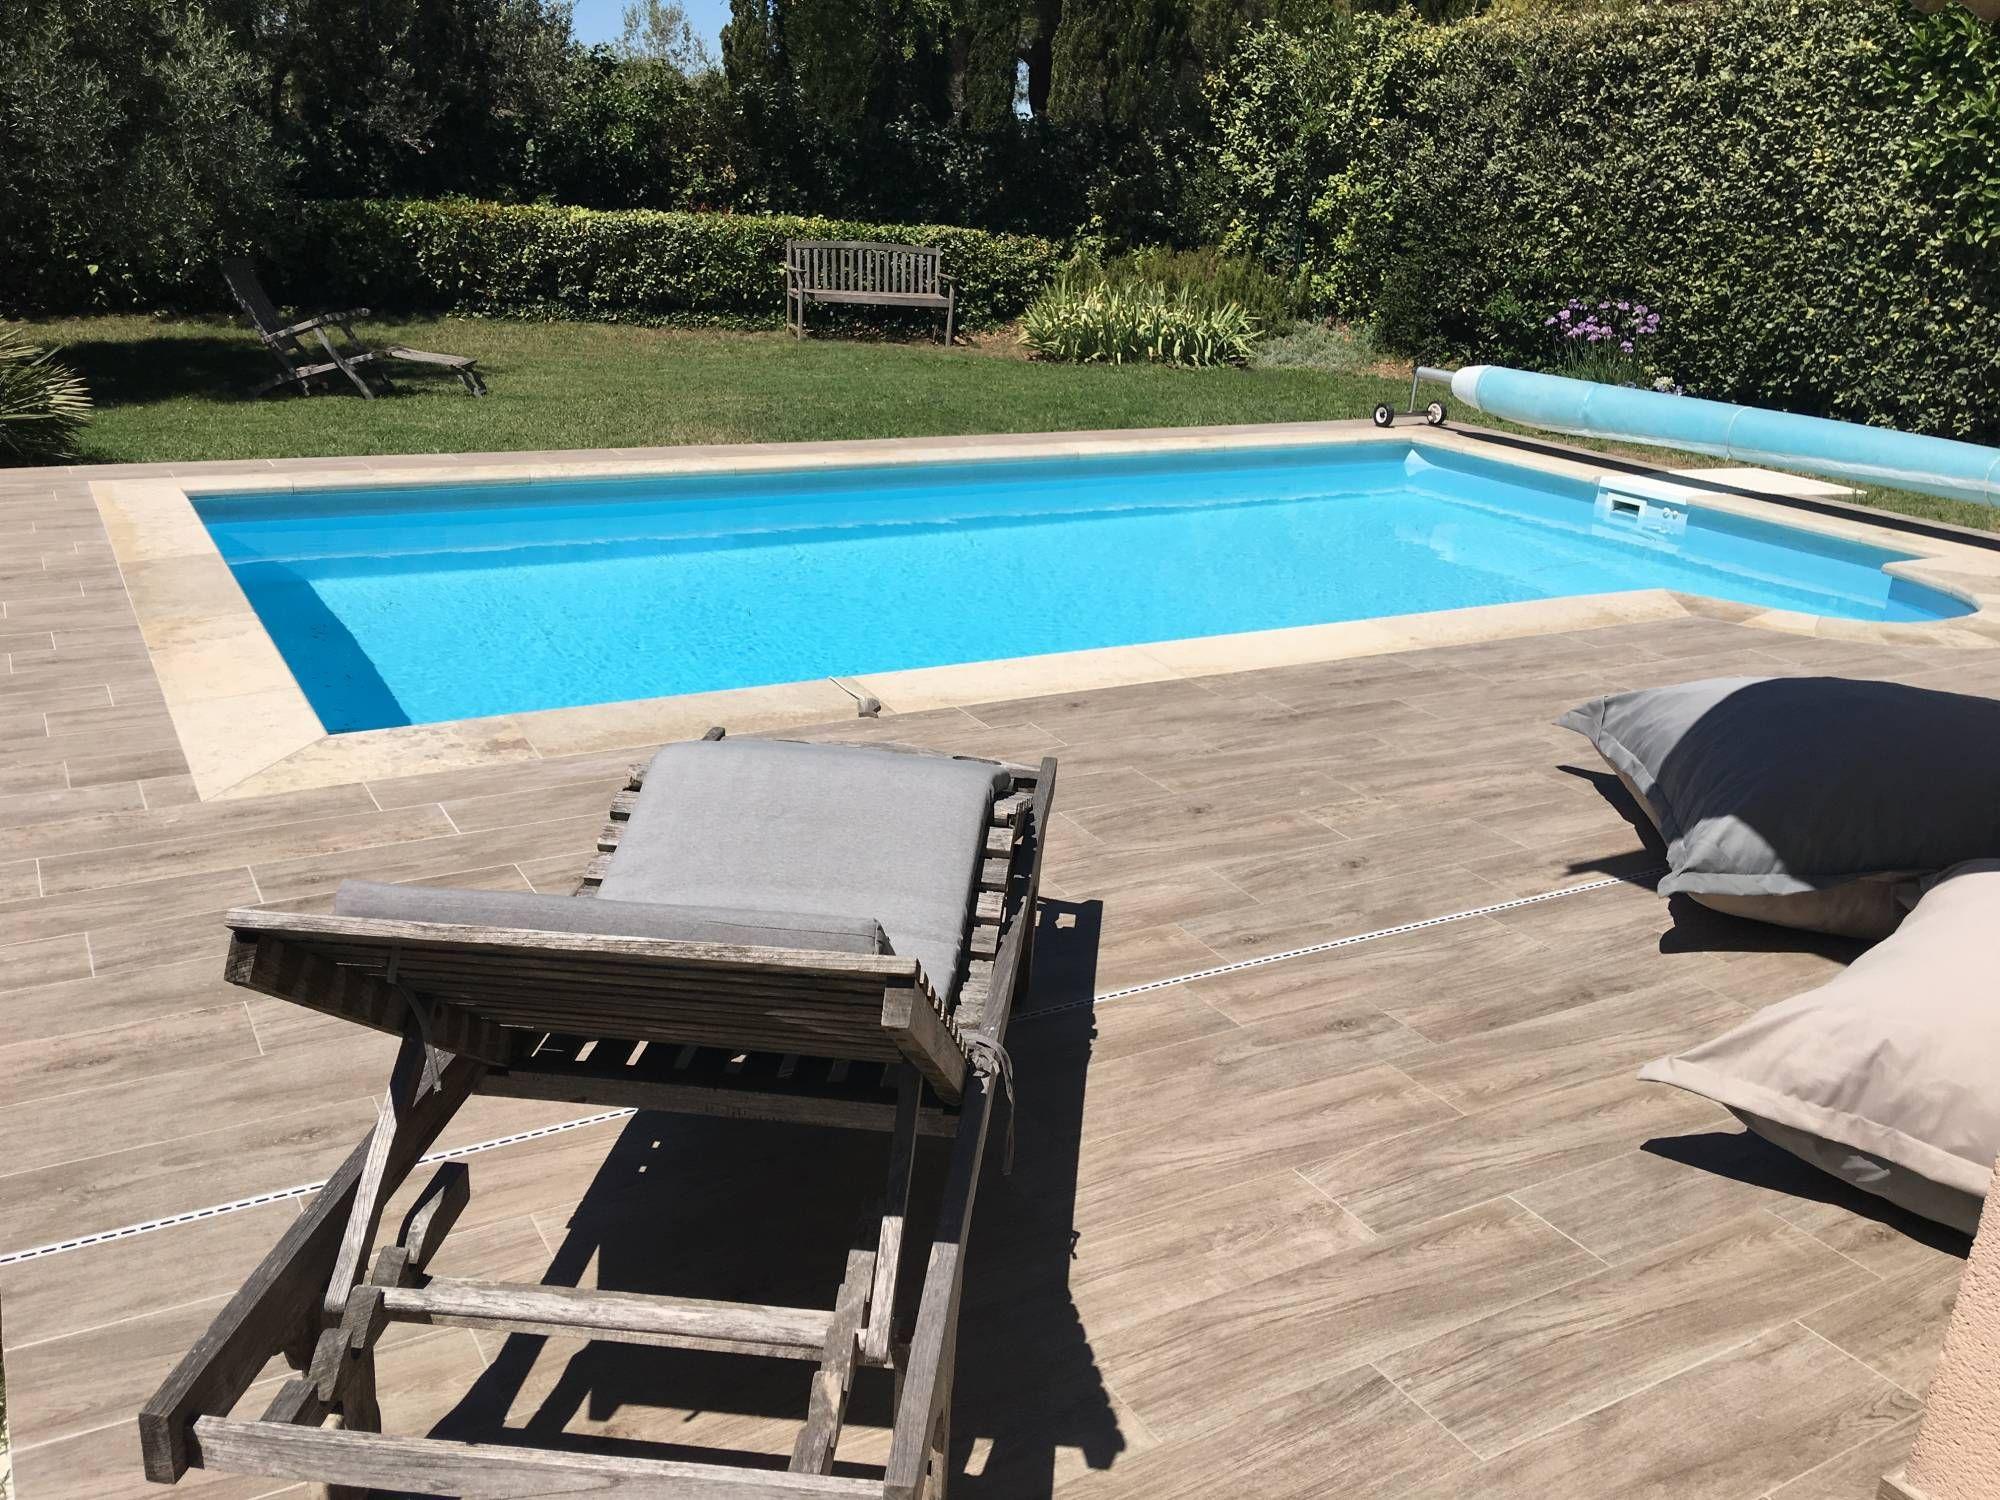 Piscine Carrelage Imitation Bois Margelles En Pierre Aix En Provence Carrelage Interieur Et Exterieur A En 2020 Carrelage Imitation Bois Carrelage Exterieur Piscine